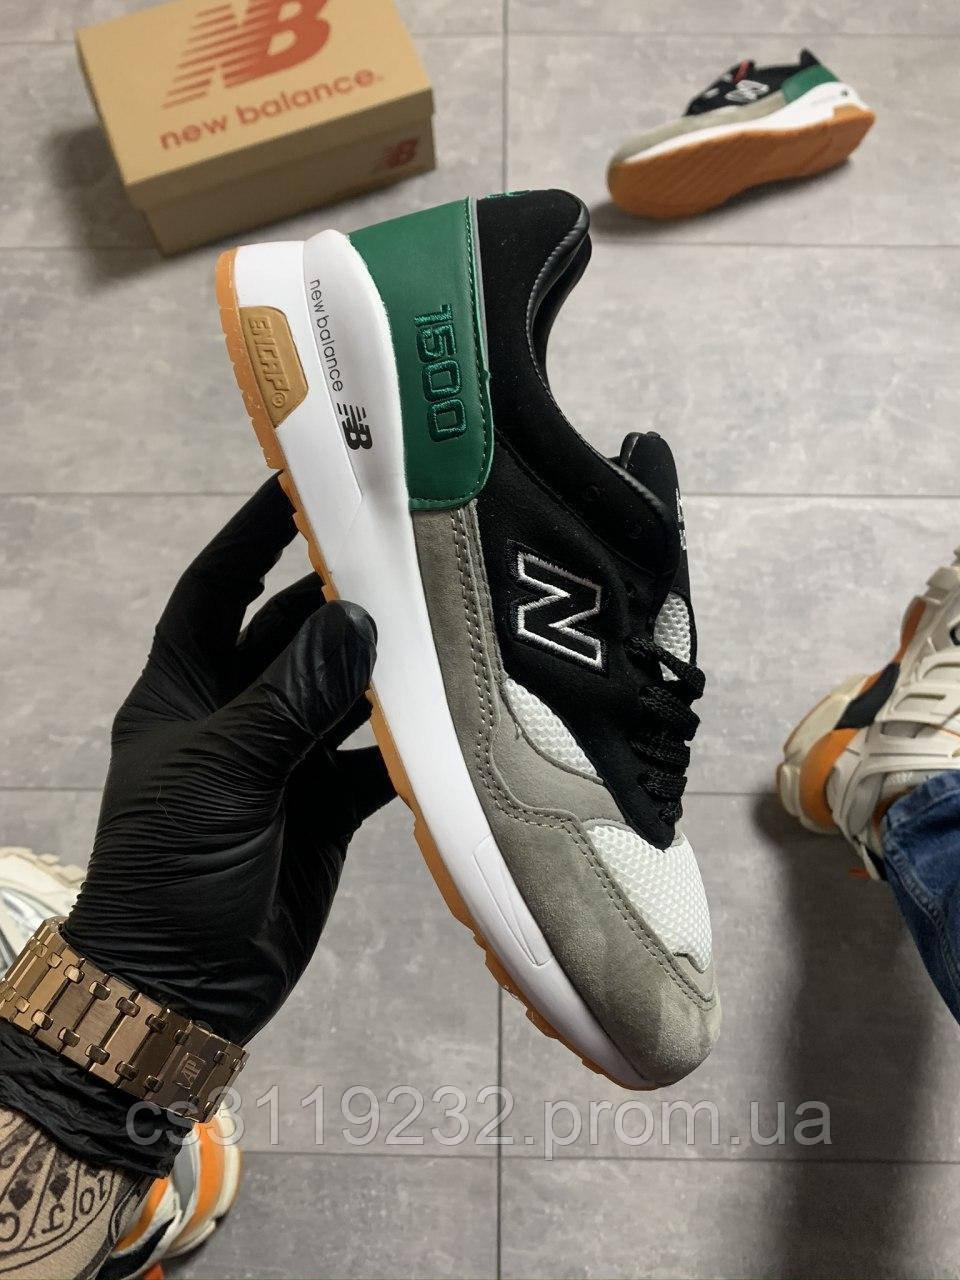 Мужские кроссовки New Balance 1500 Black Grey Green (серые)